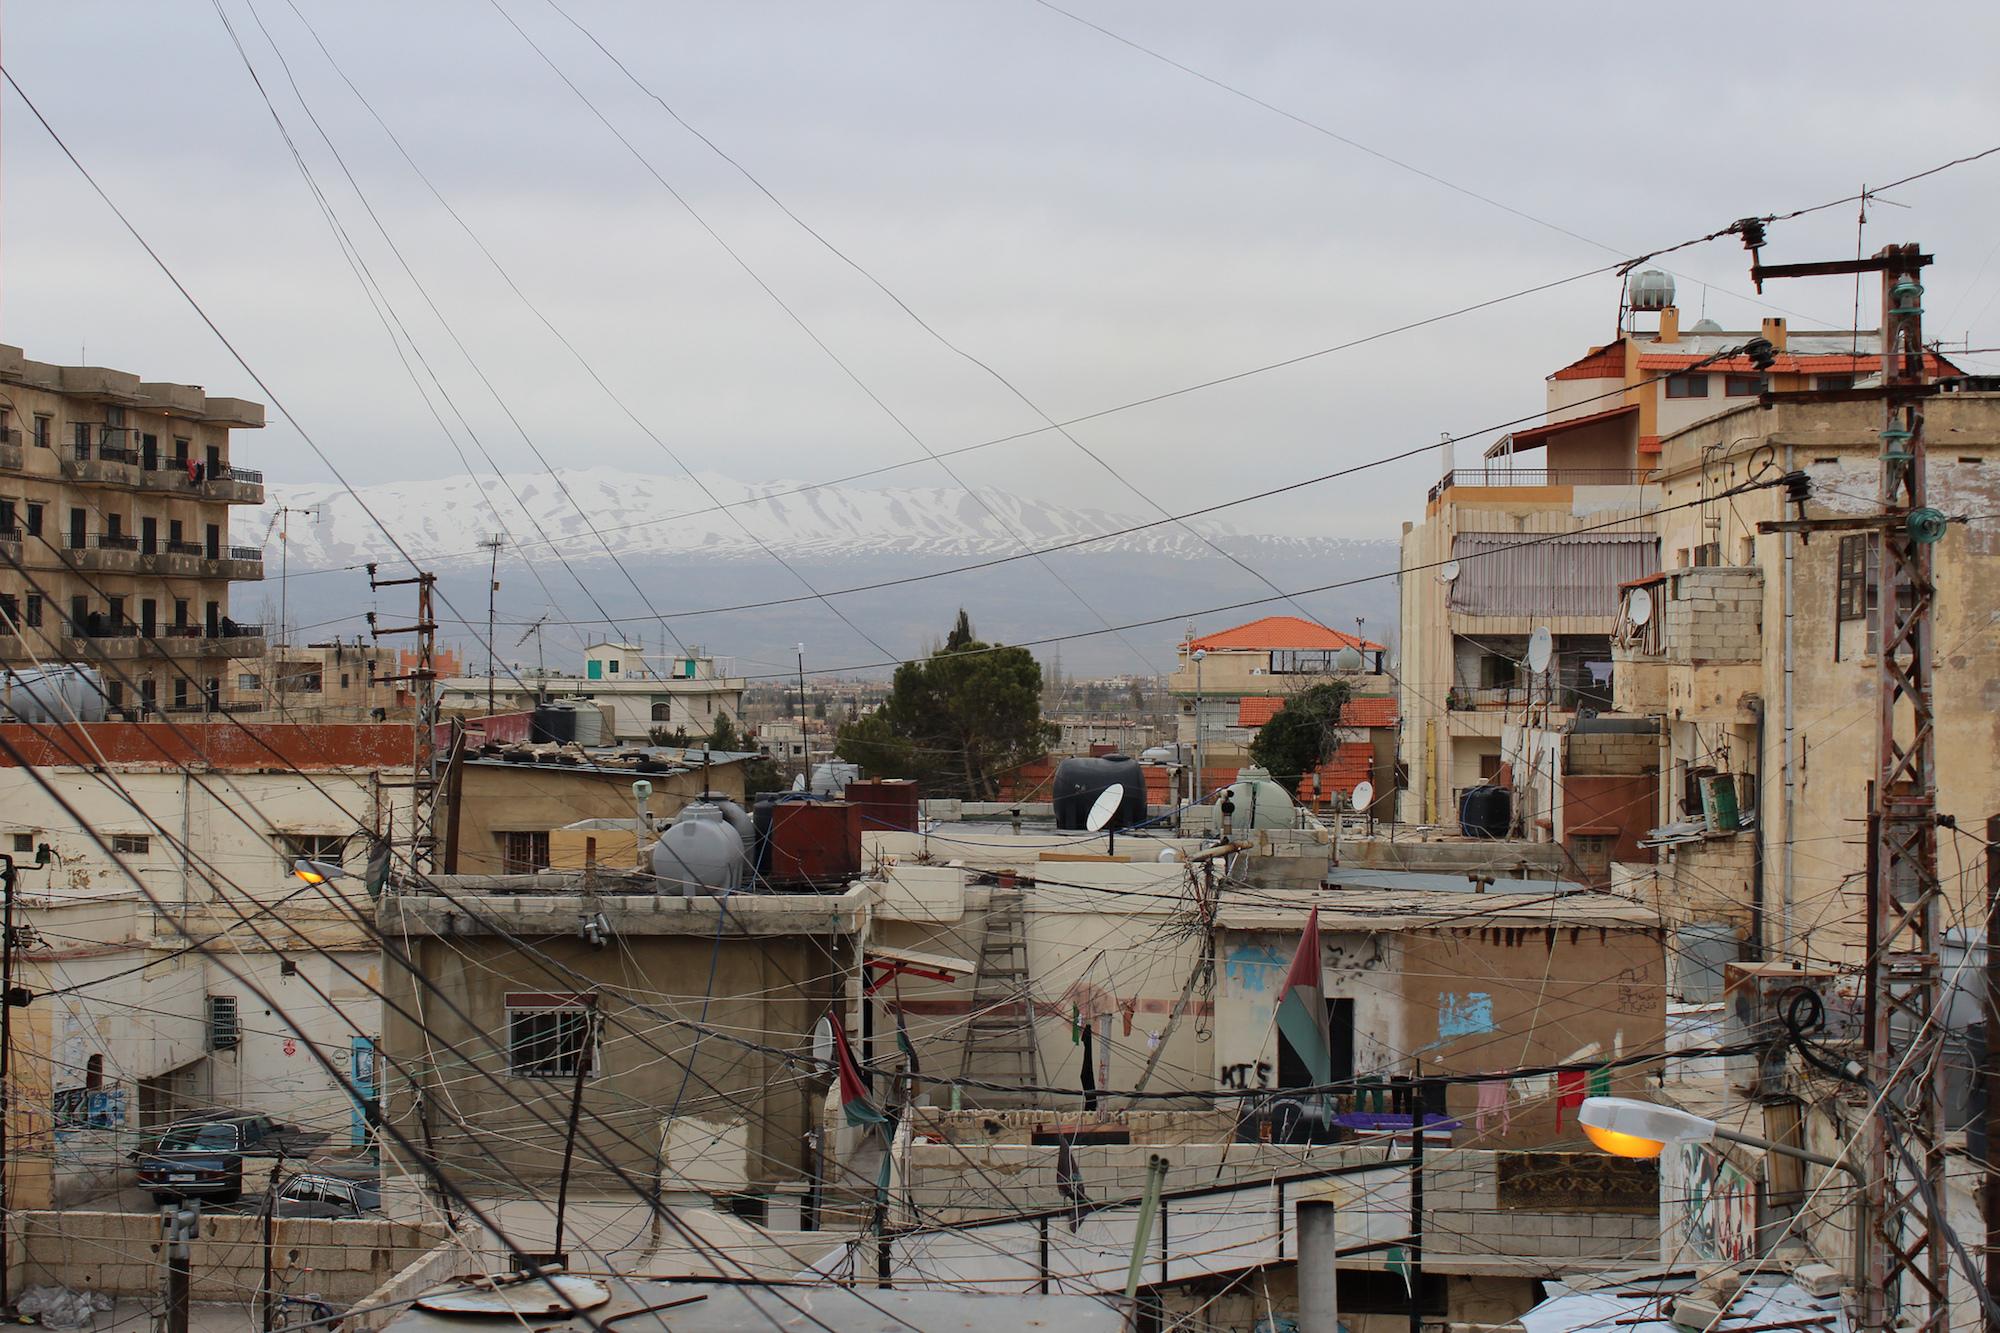 Palästinensisches Flüchtlingscamp im Libanon